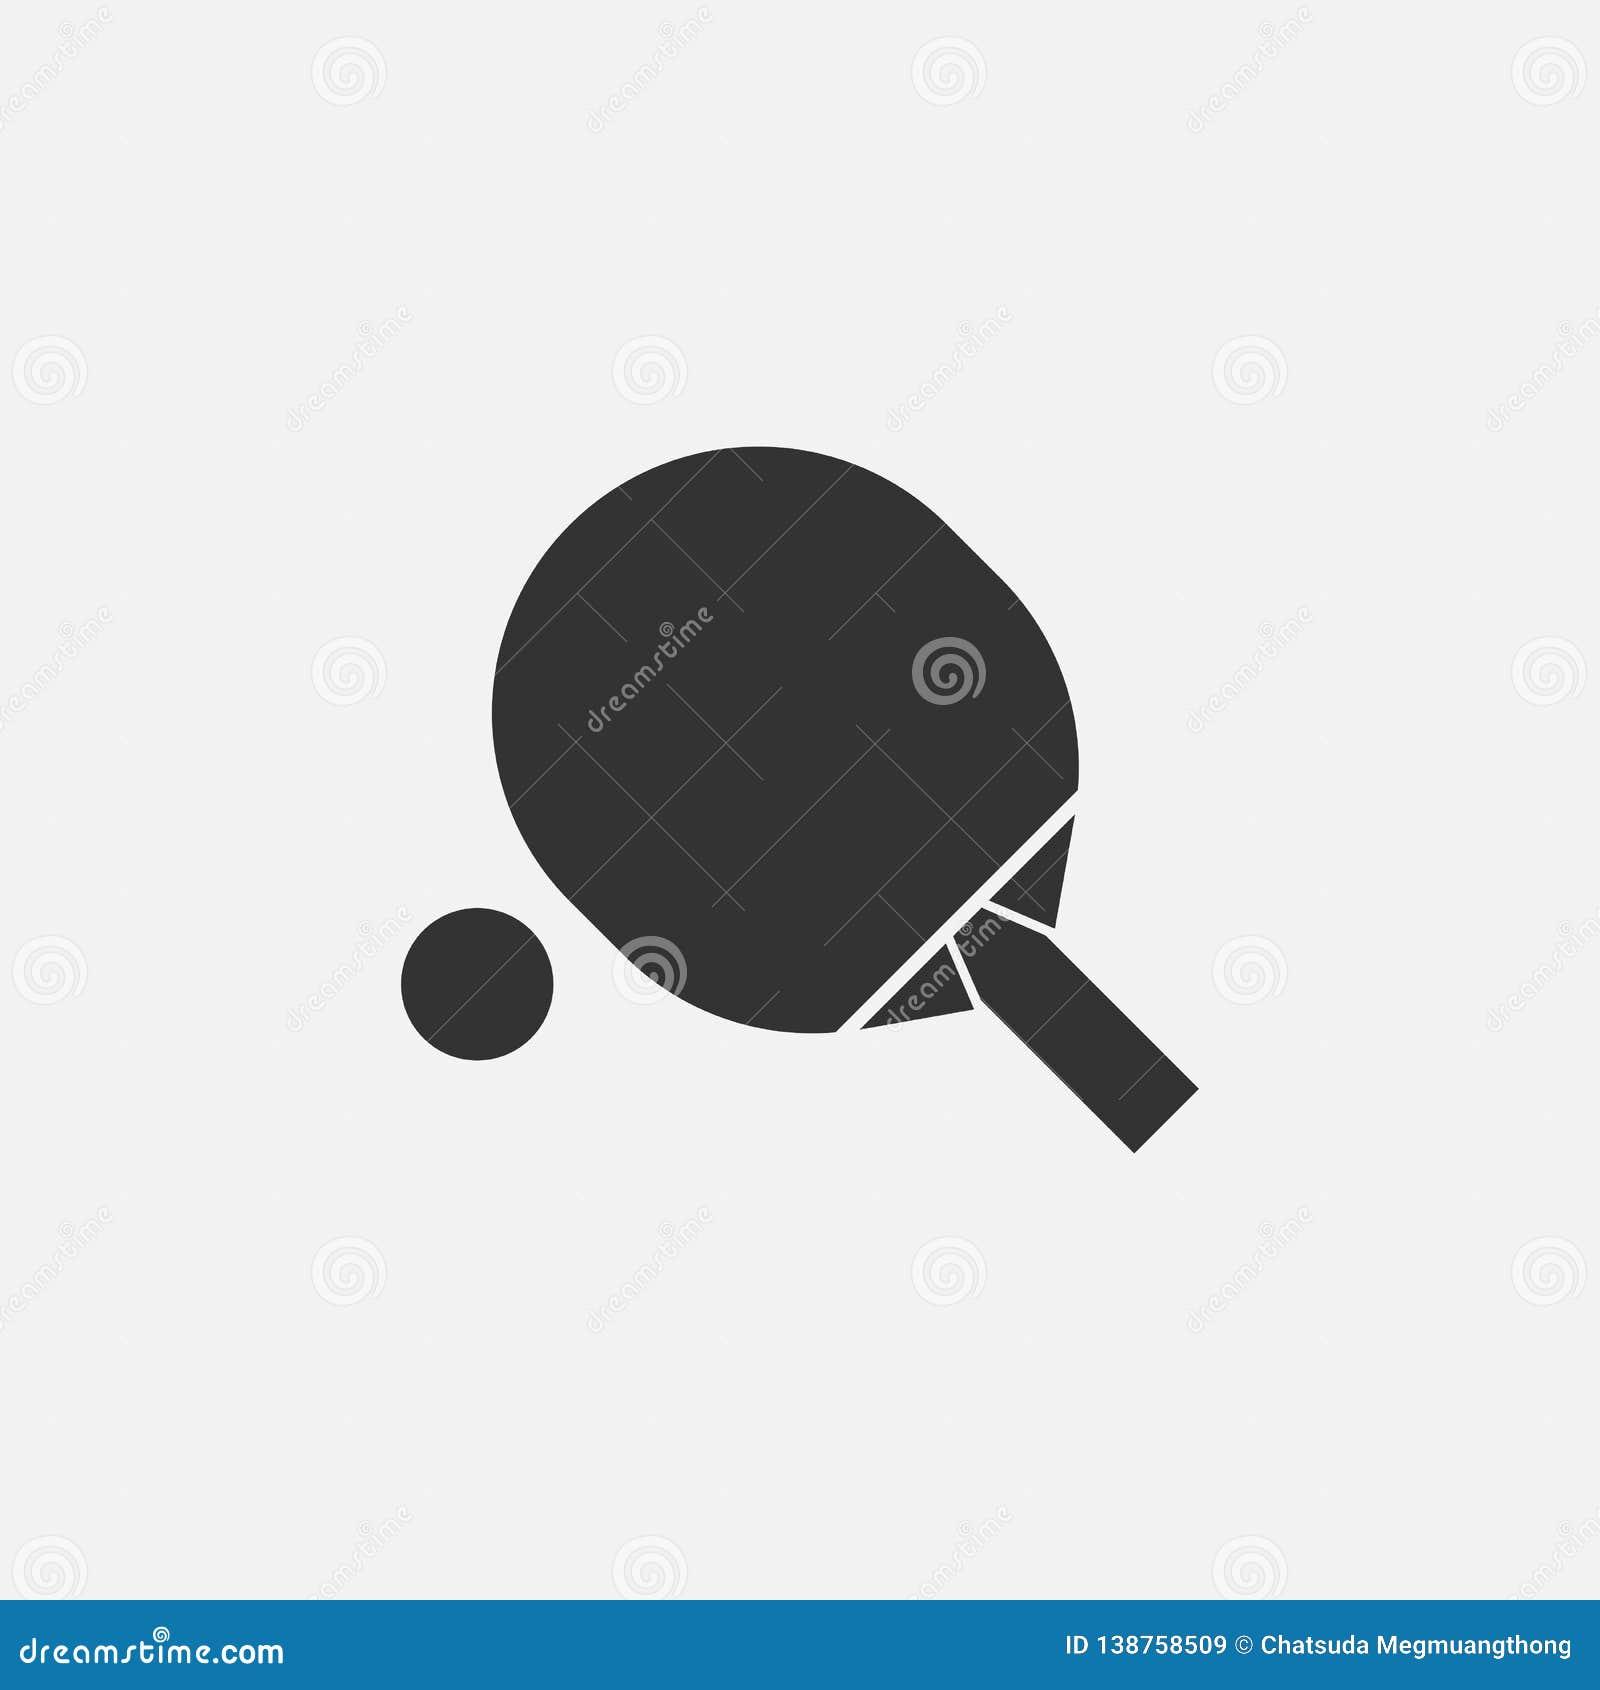 Εικονίδιο επιτραπέζιας αντισφαίρισης, αθλητισμός, αντισφαίριση, παιχνίδι